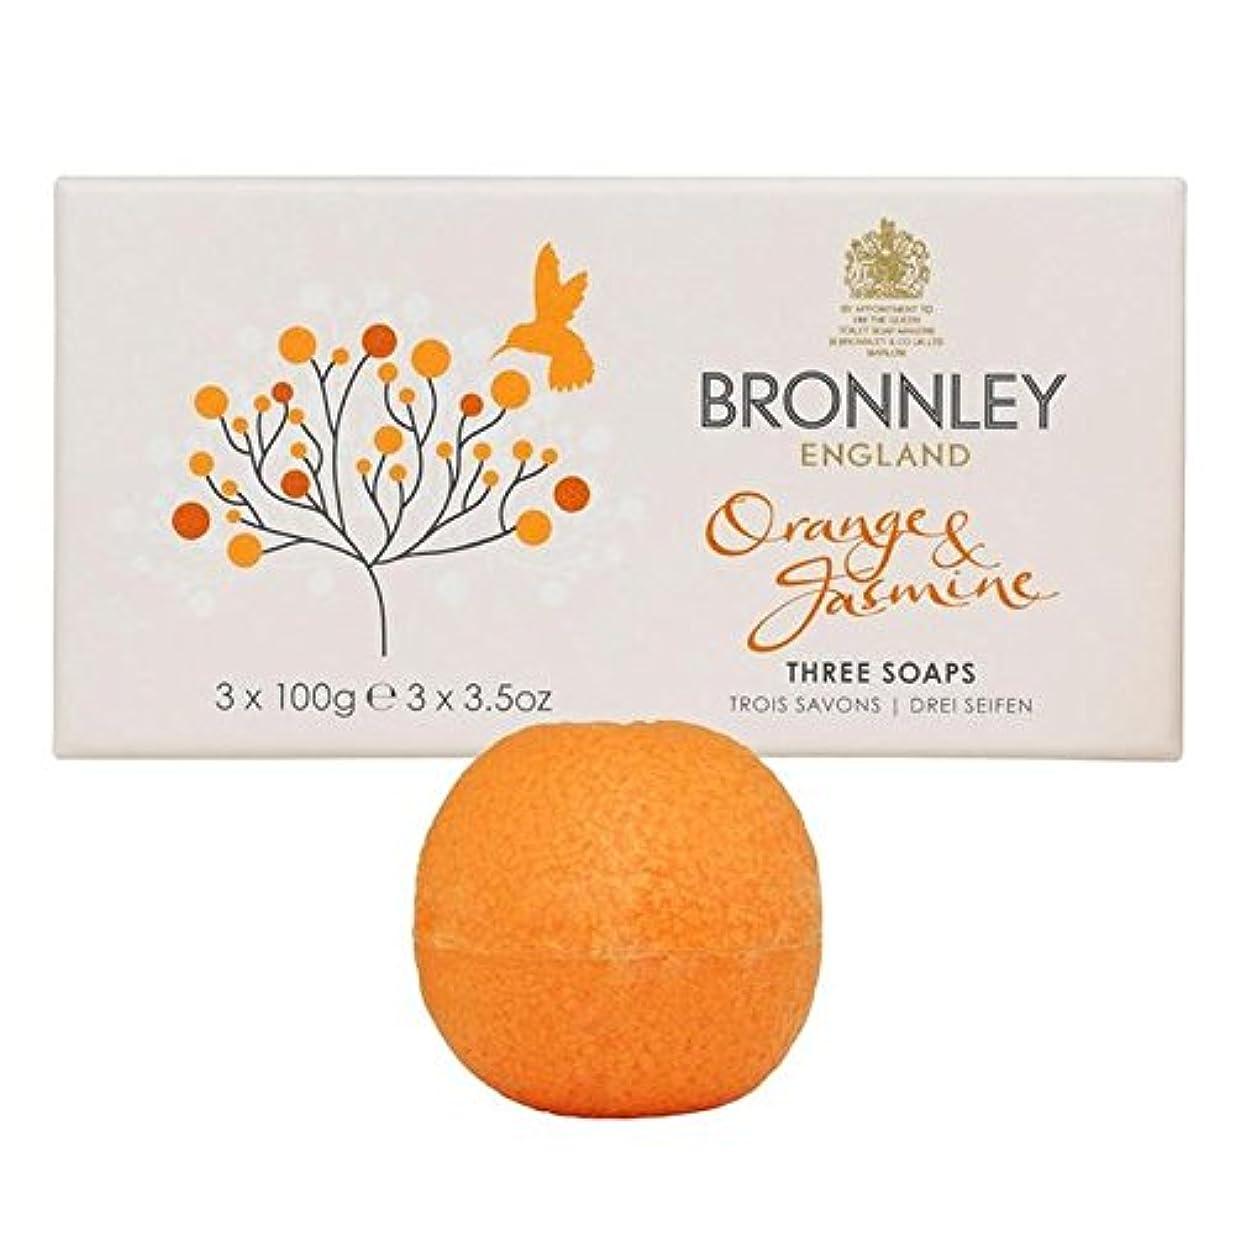 愛情深い緊急直接オレンジ&ジャスミン石鹸3×100グラム x2 - Bronnley Orange & Jasmine Soaps 3 x 100g (Pack of 2) [並行輸入品]